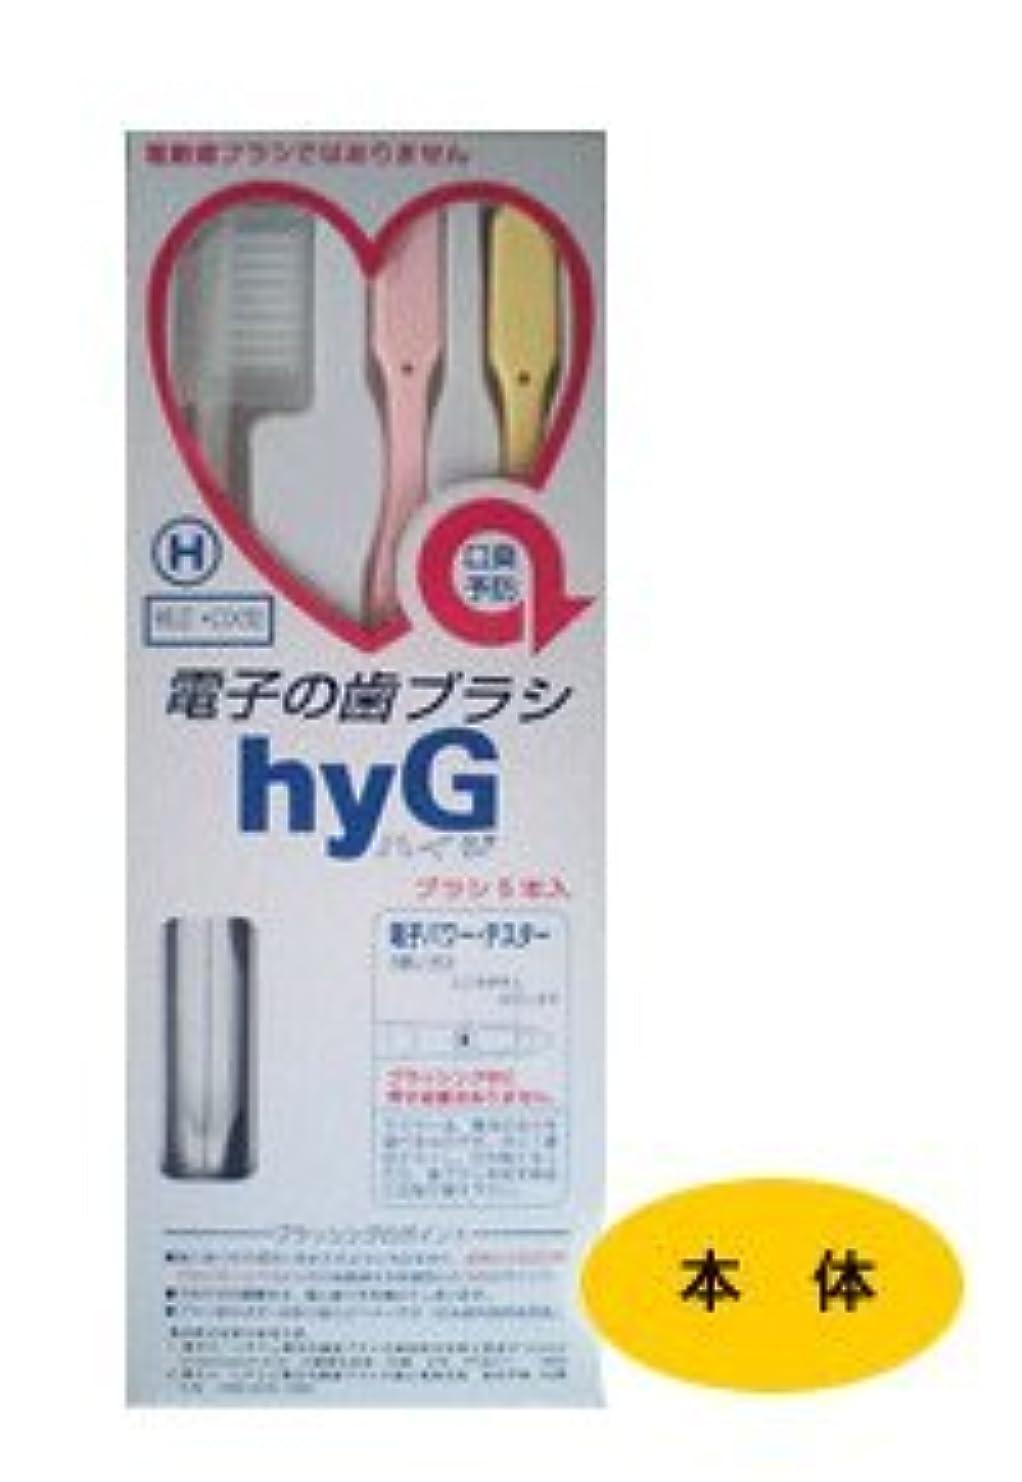 角度拡散する乞食電子の歯ブラシ ハイジ(hyG) 本体 H(ハード) 【純正?DX型】